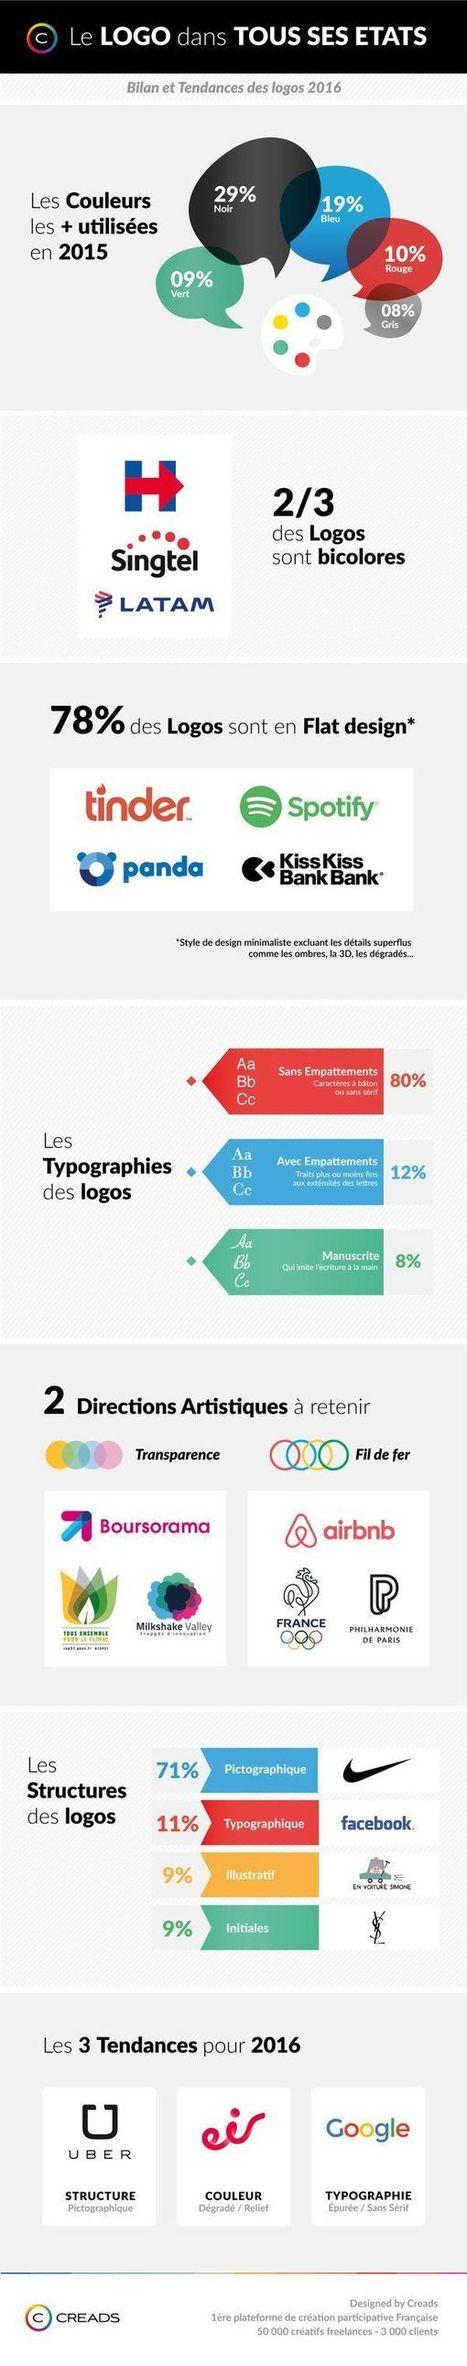 Infographie : Les grandes tendances des logos en 2016 | Web design and presentation | Scoop.it